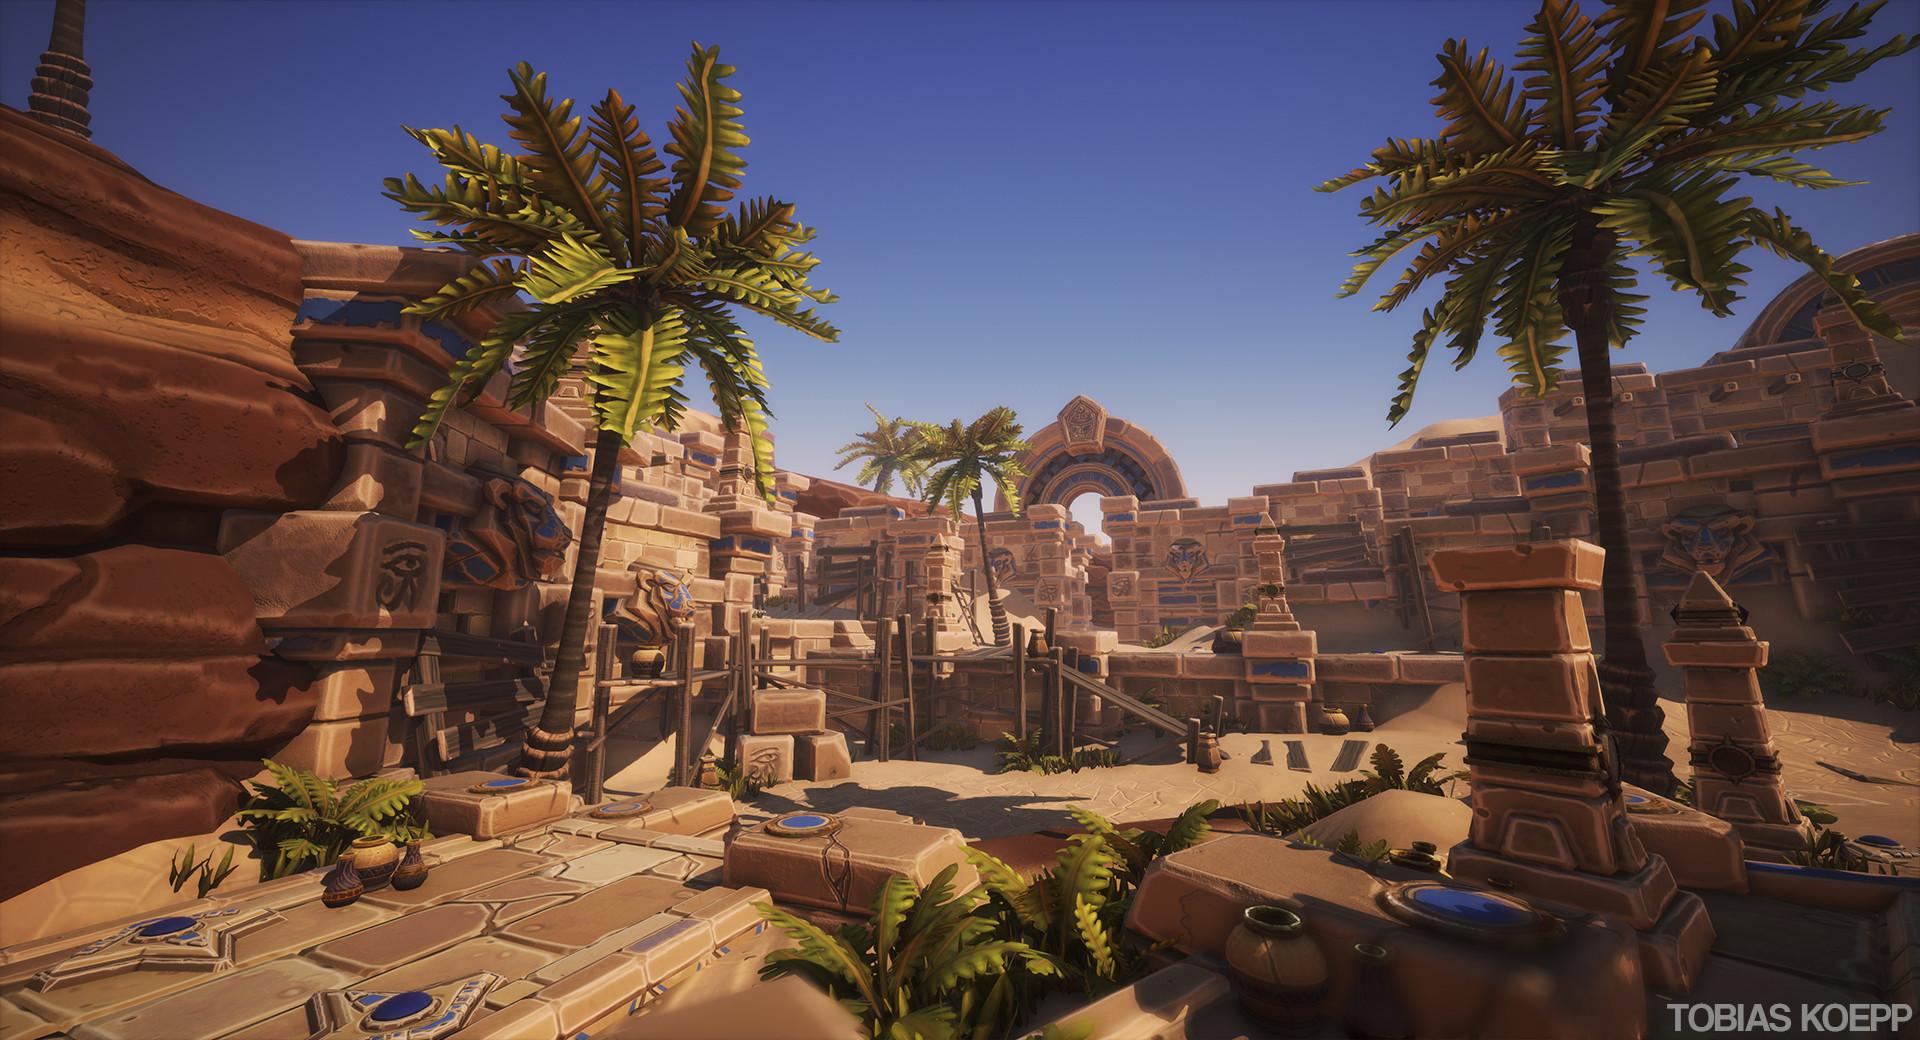 Tobias koepp oasis tobiaskoepp 07